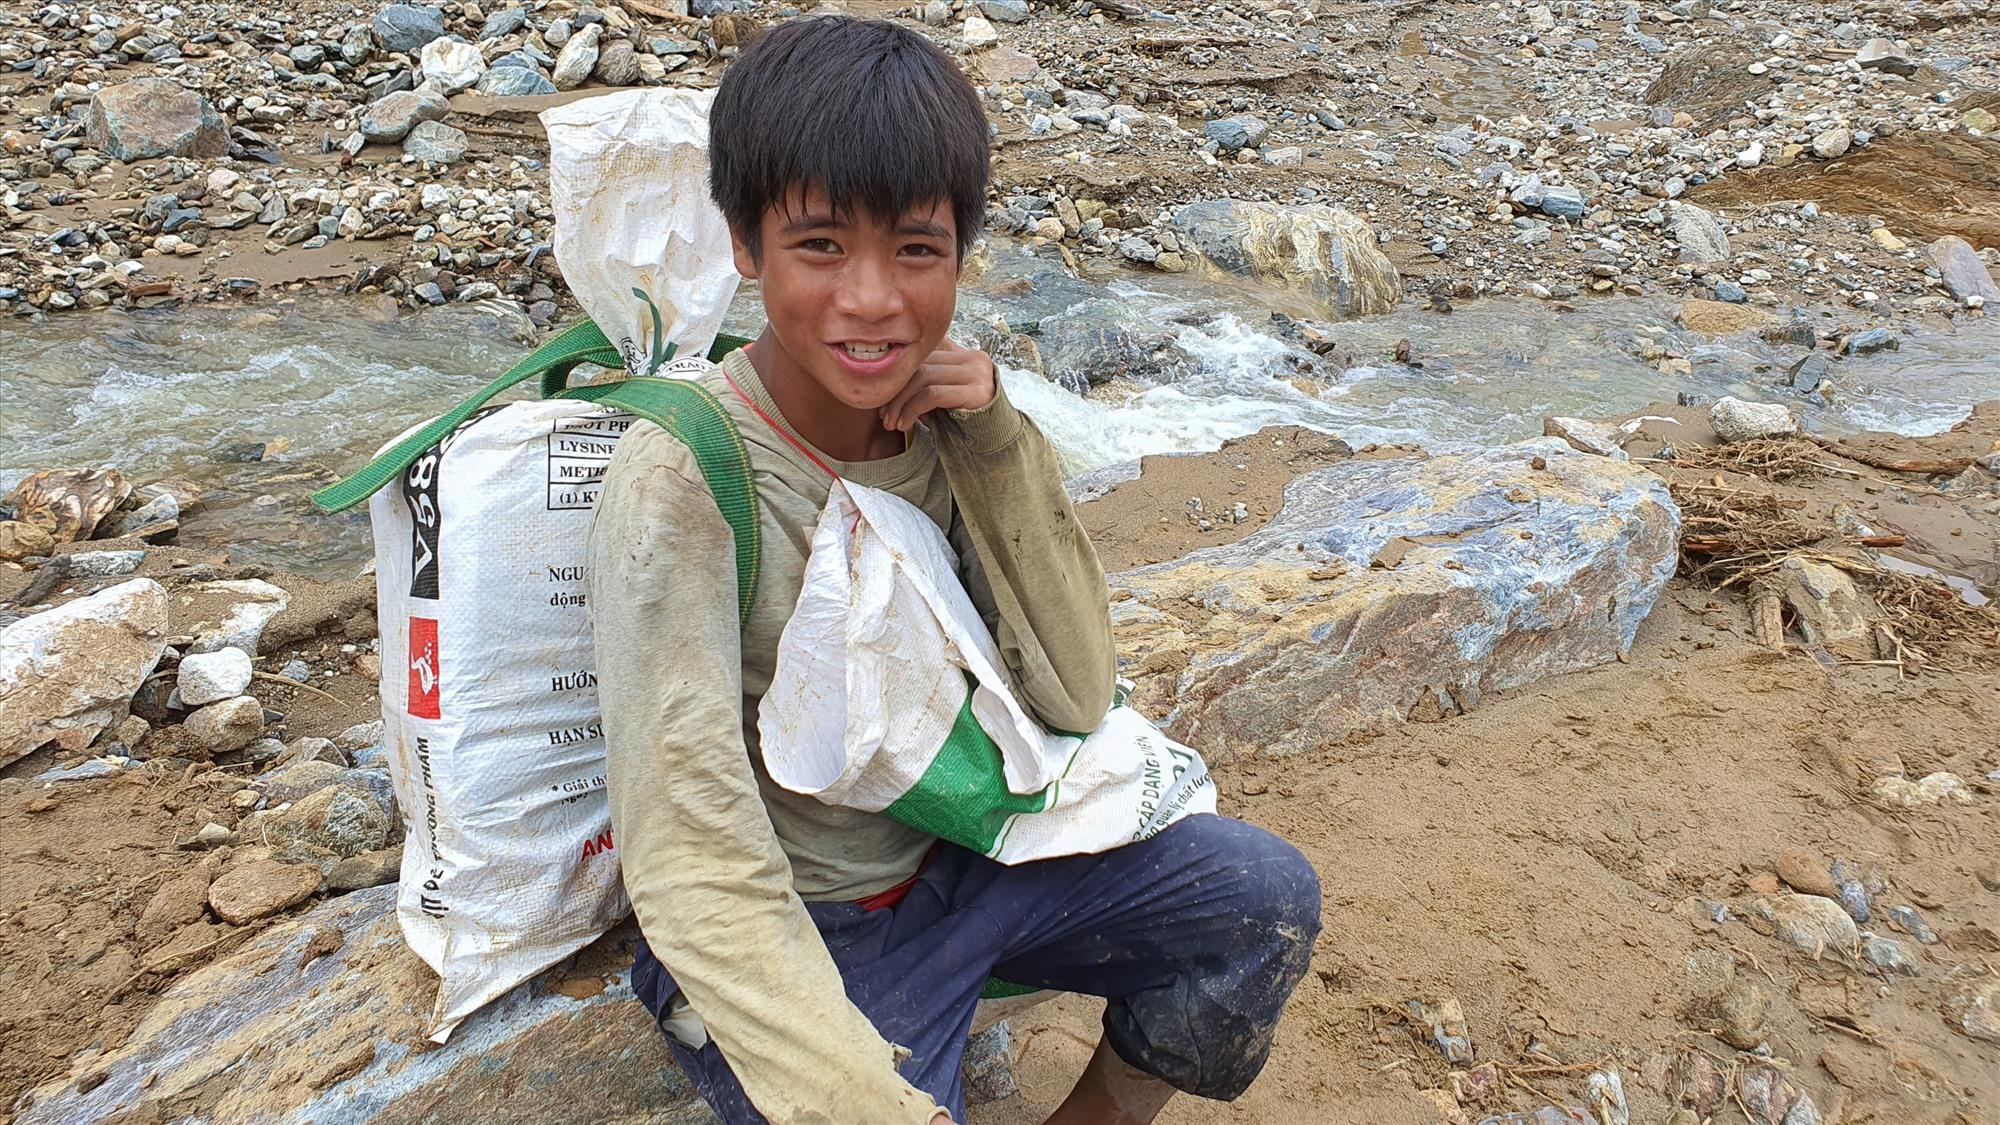 Hồ Văn In, cậu bé ở xã Phước Thành cũng tham gia cùng đoàn gùi cõng. Ảnh: T.C